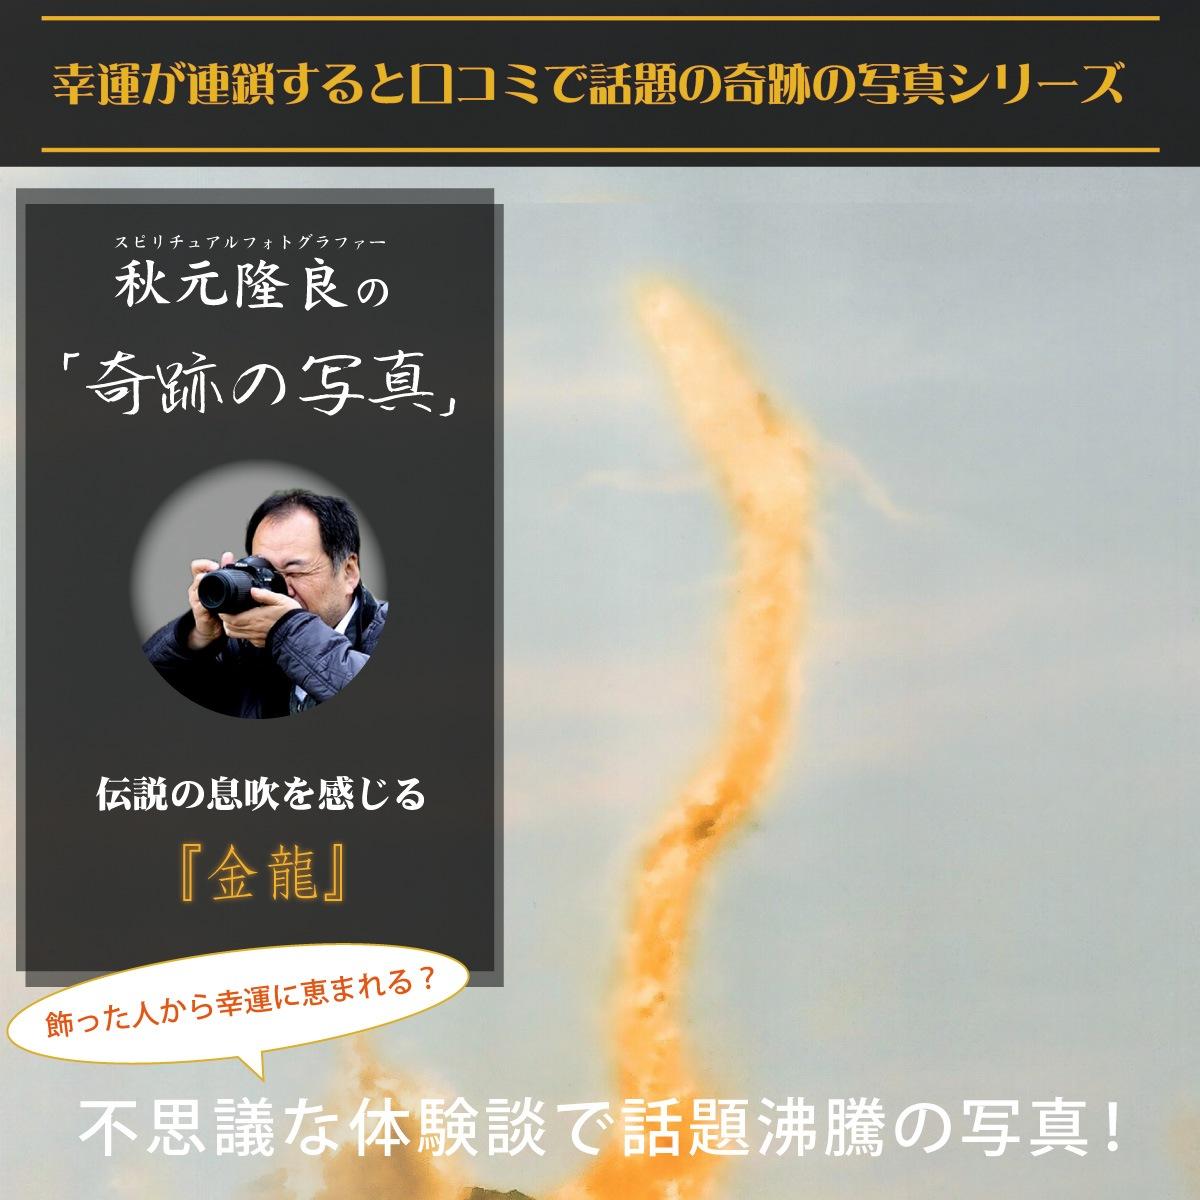 【奇跡の写真】金龍 ≫飾るだけで幸運が連鎖すると話題!秋元隆良の開運フォト作品